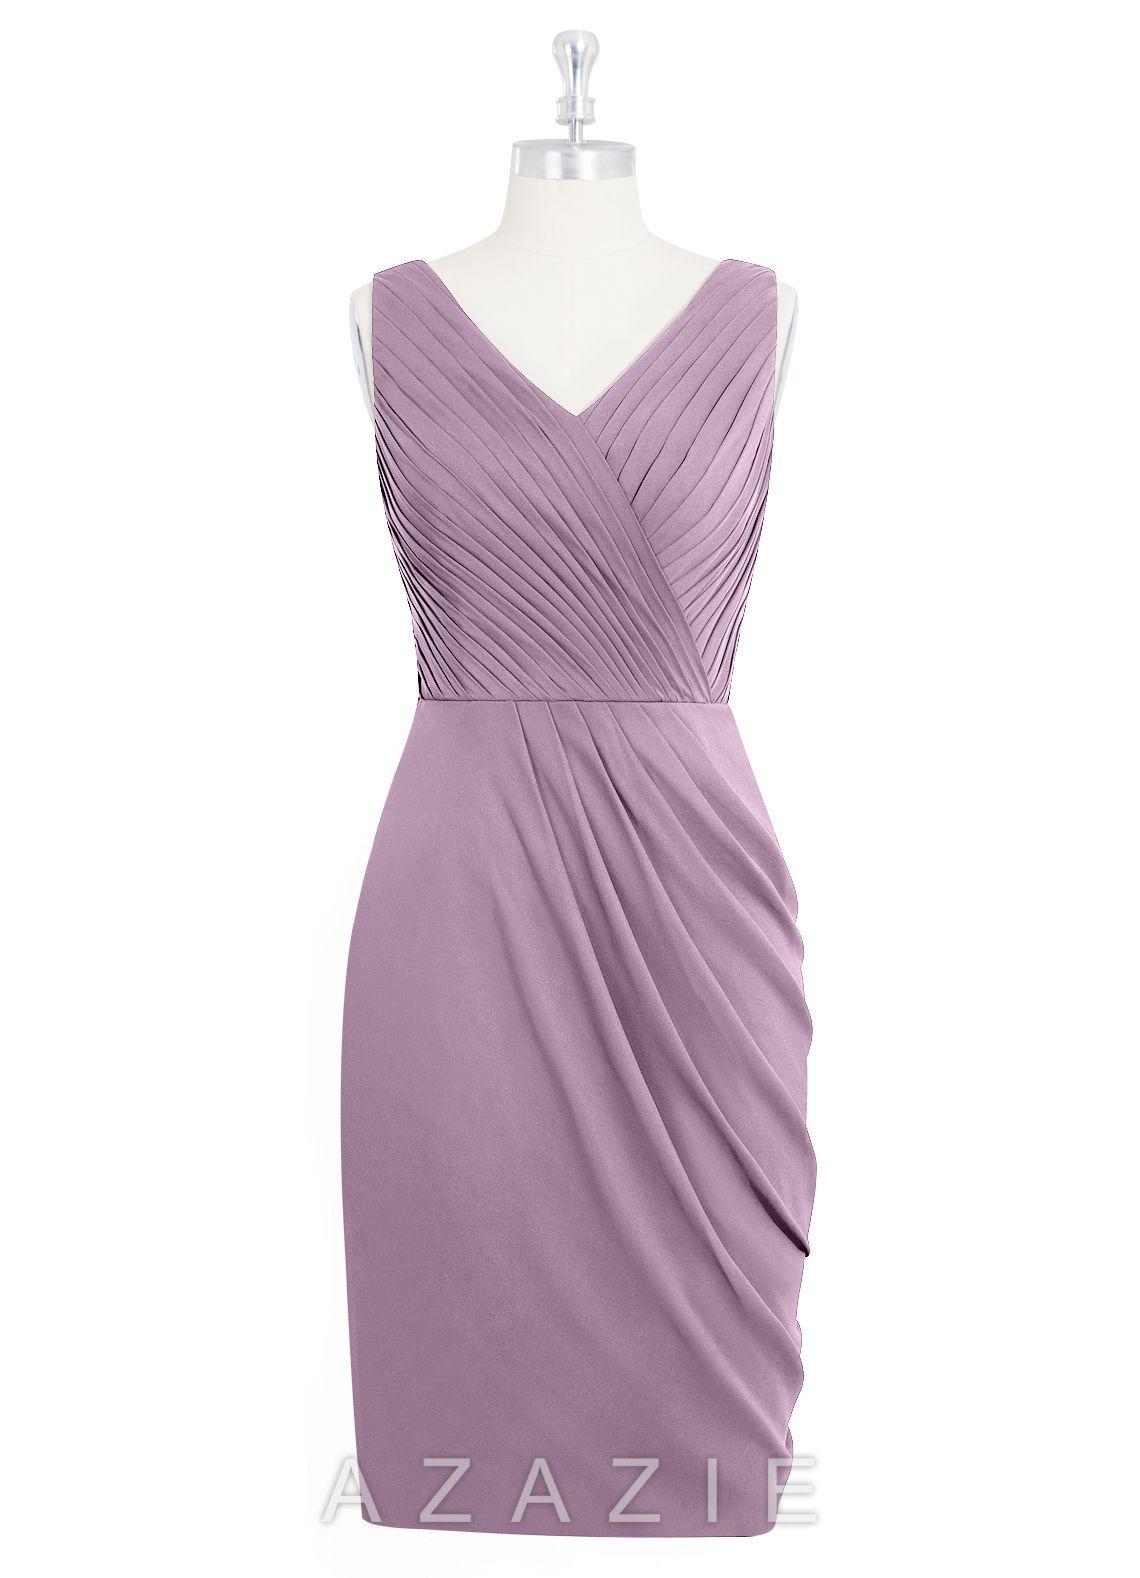 Shop Azazie Bridesmaid Dress  Jordyn in Chiffon Find the perfect